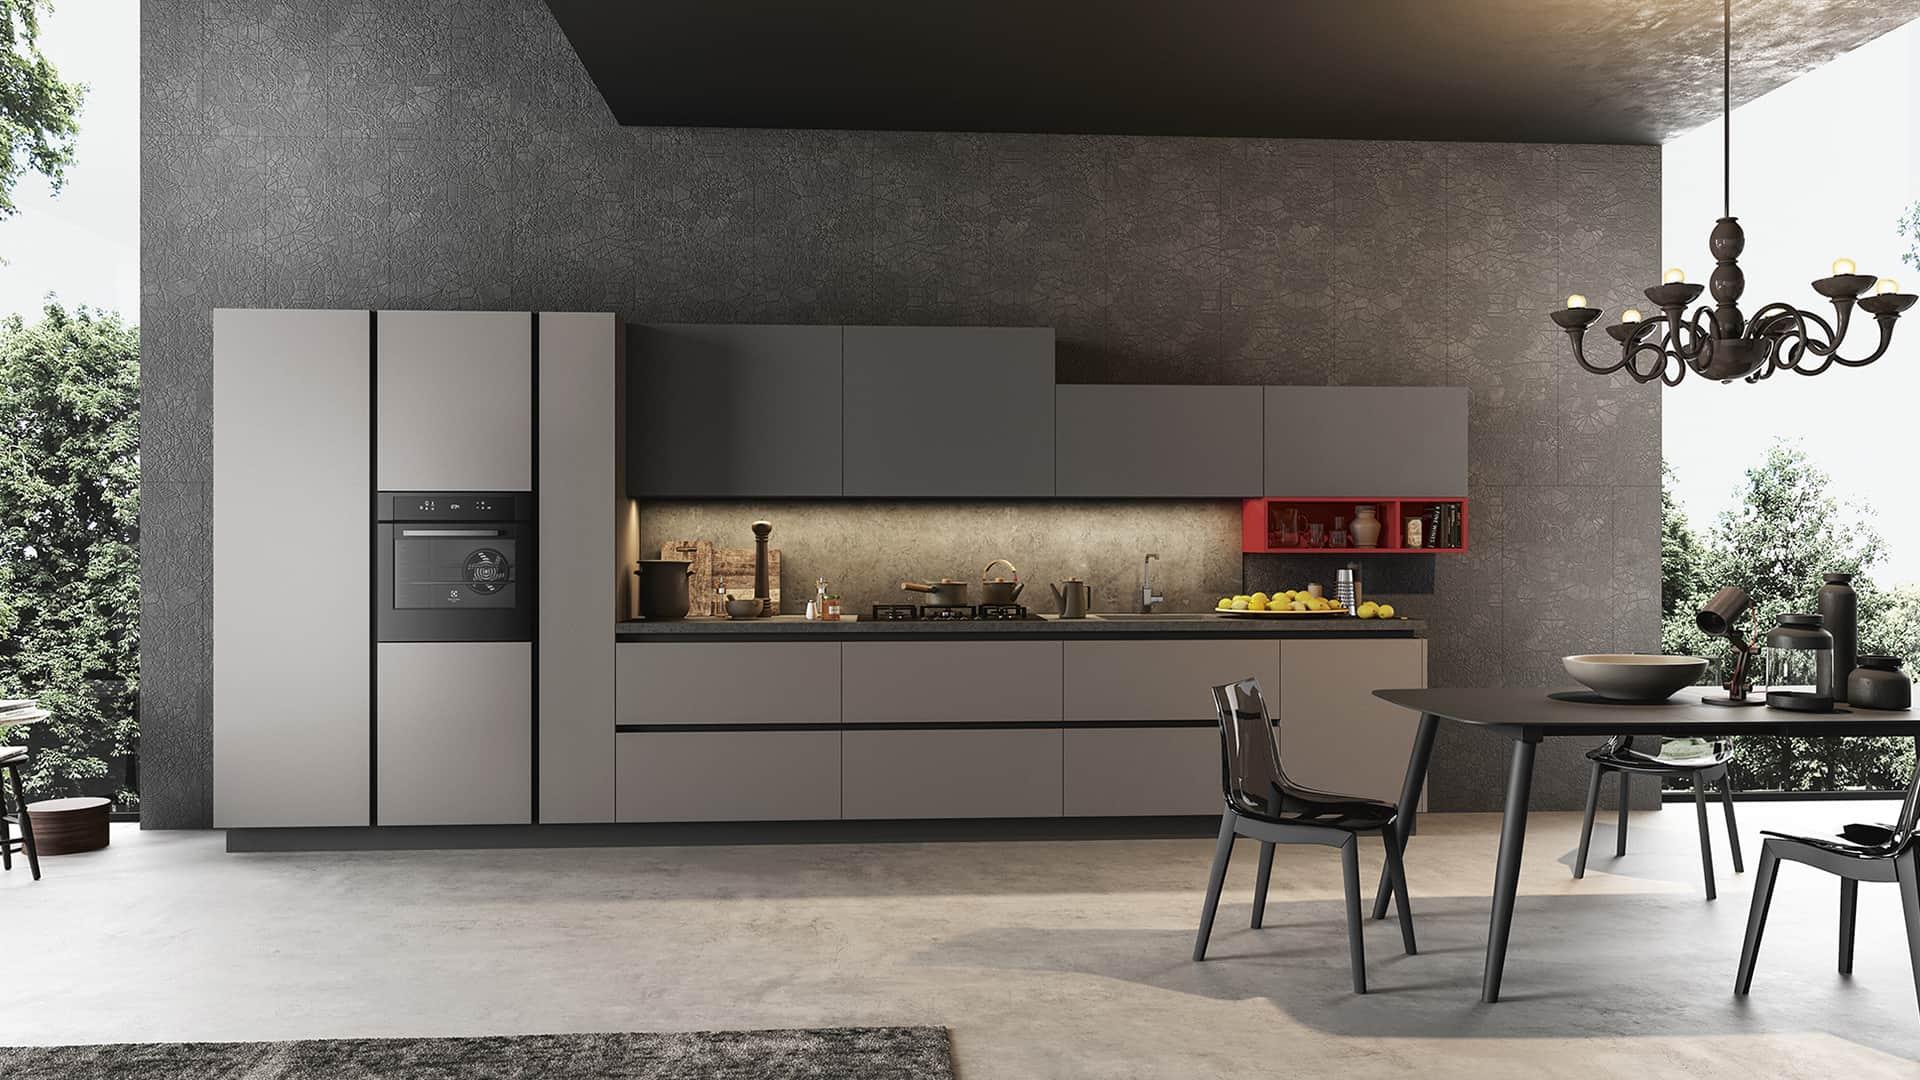 Cucine lineari moderne padova anche in offerta for Design di mobili cool